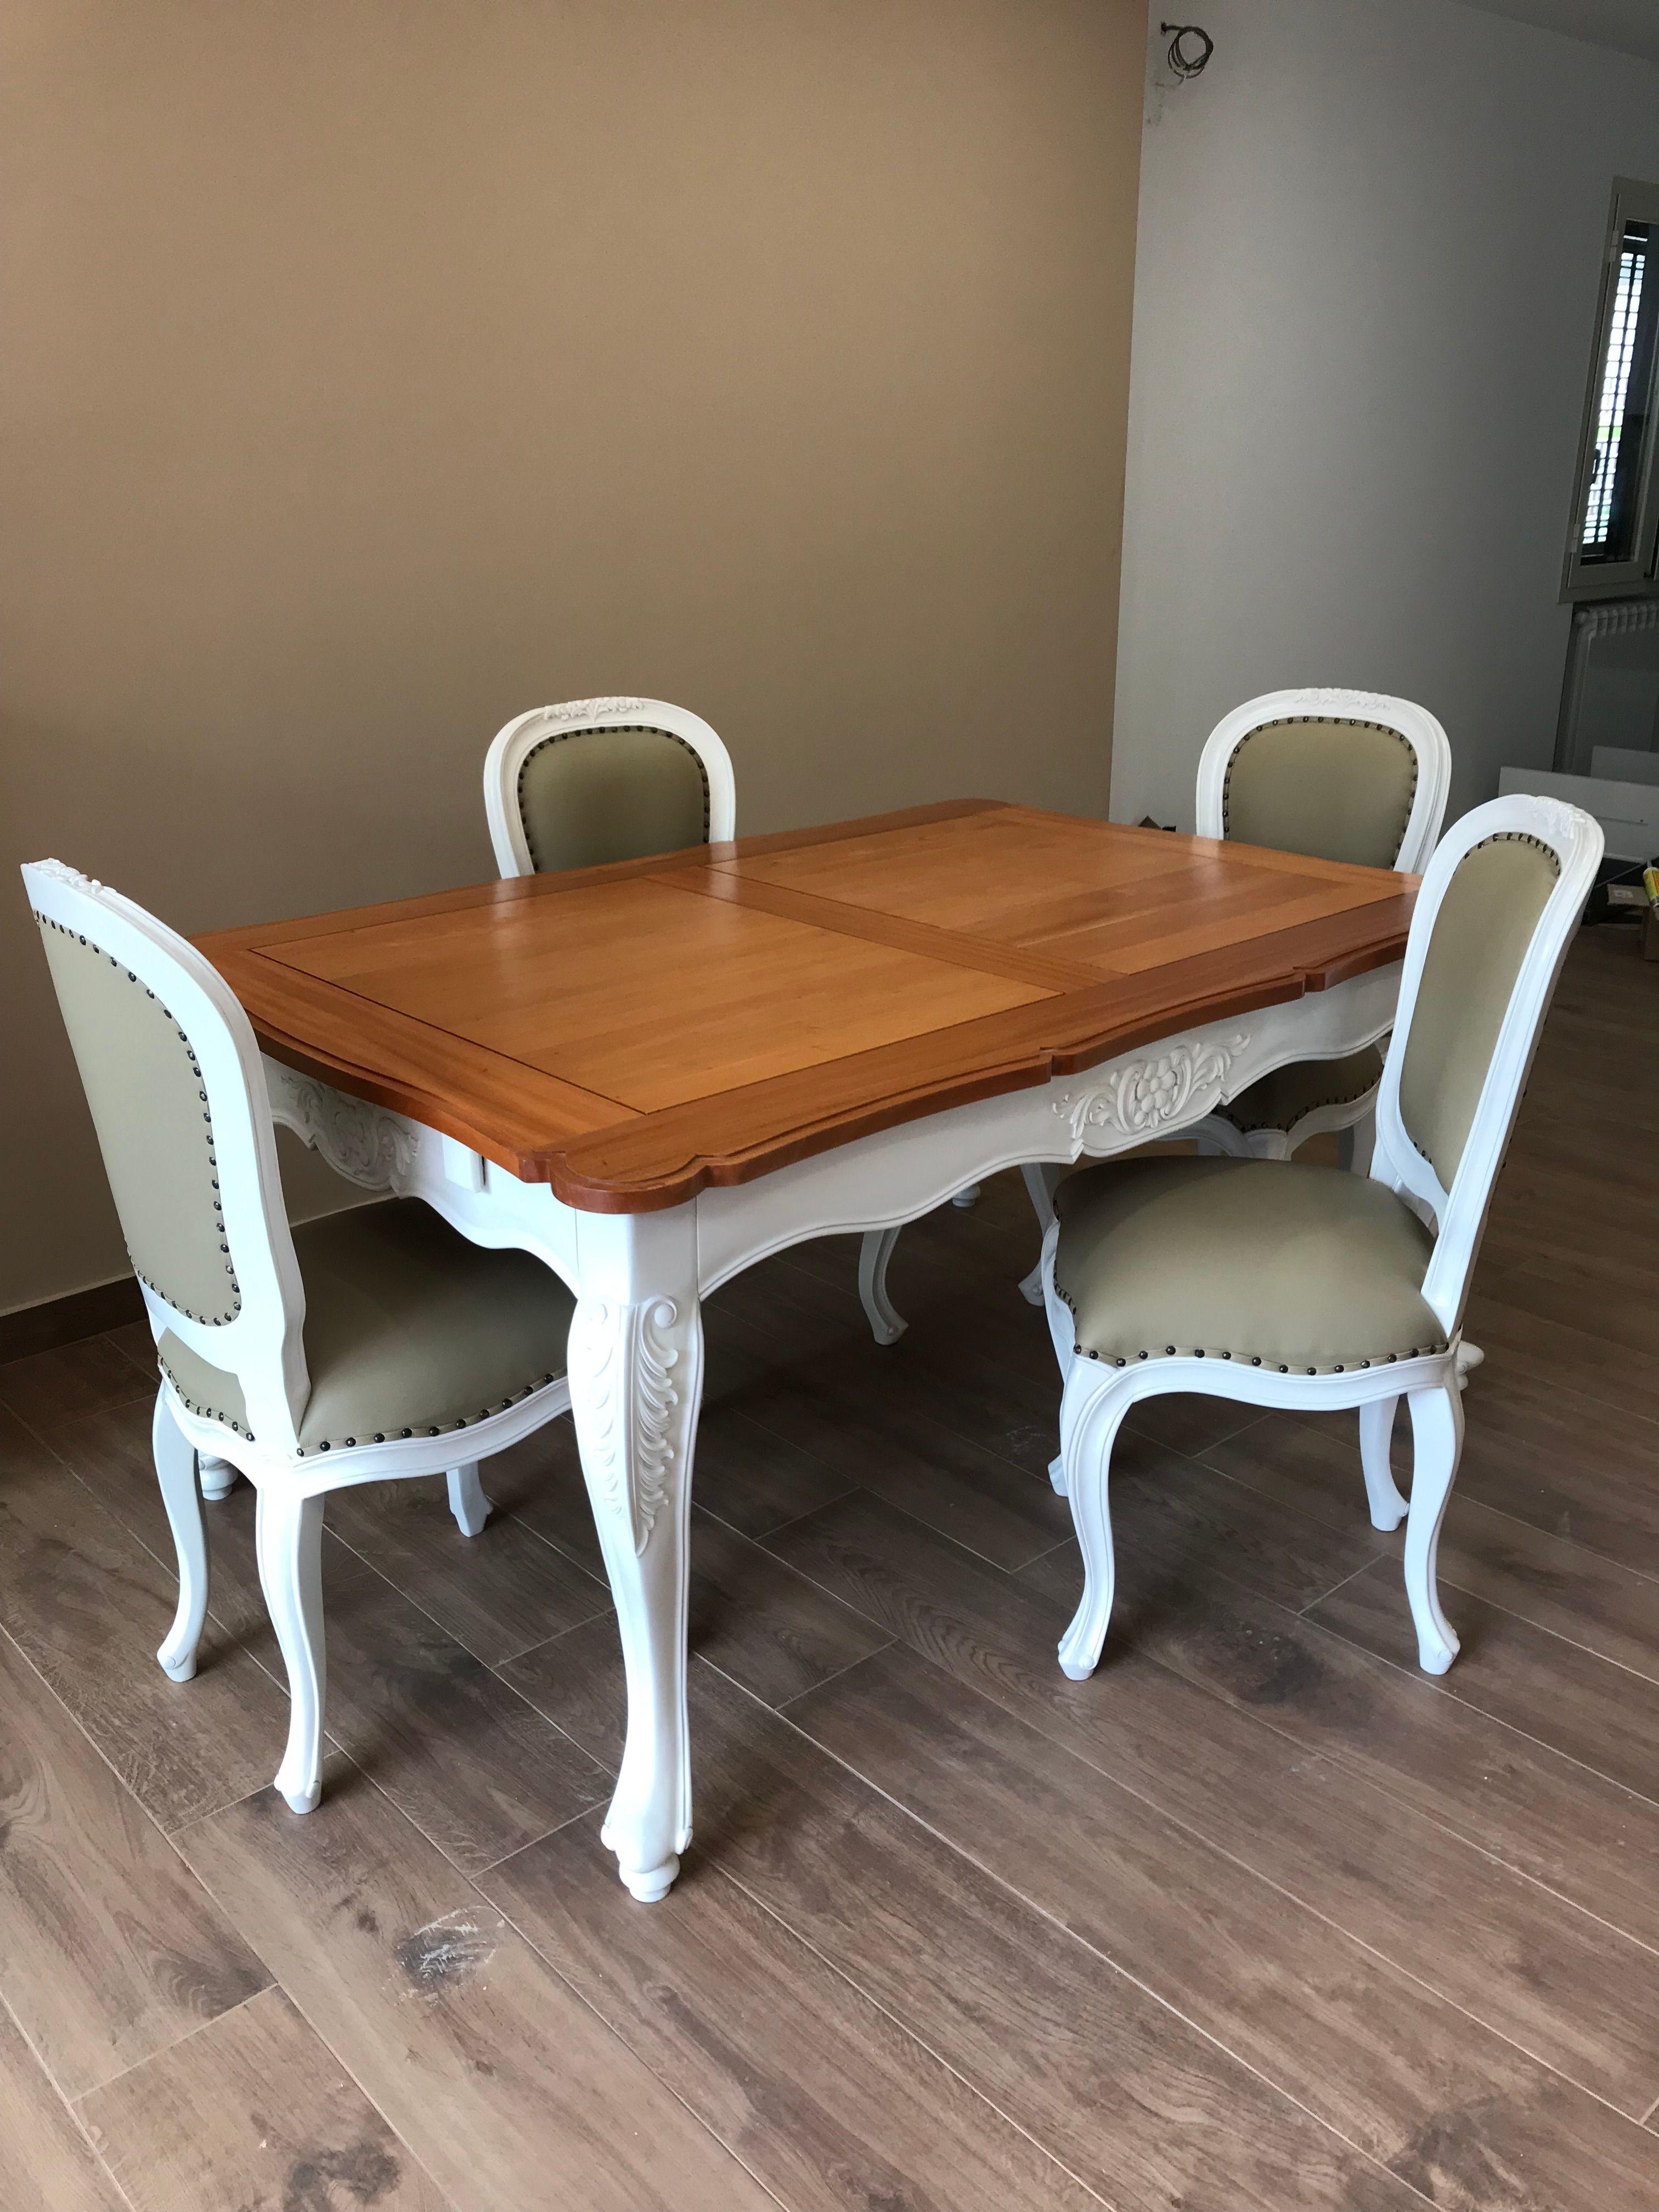 Tavolo provenzale chic legno e ferro. Tavolo E Sedie Stile Provenzale Tavolo E Sedie Arredamento Legno